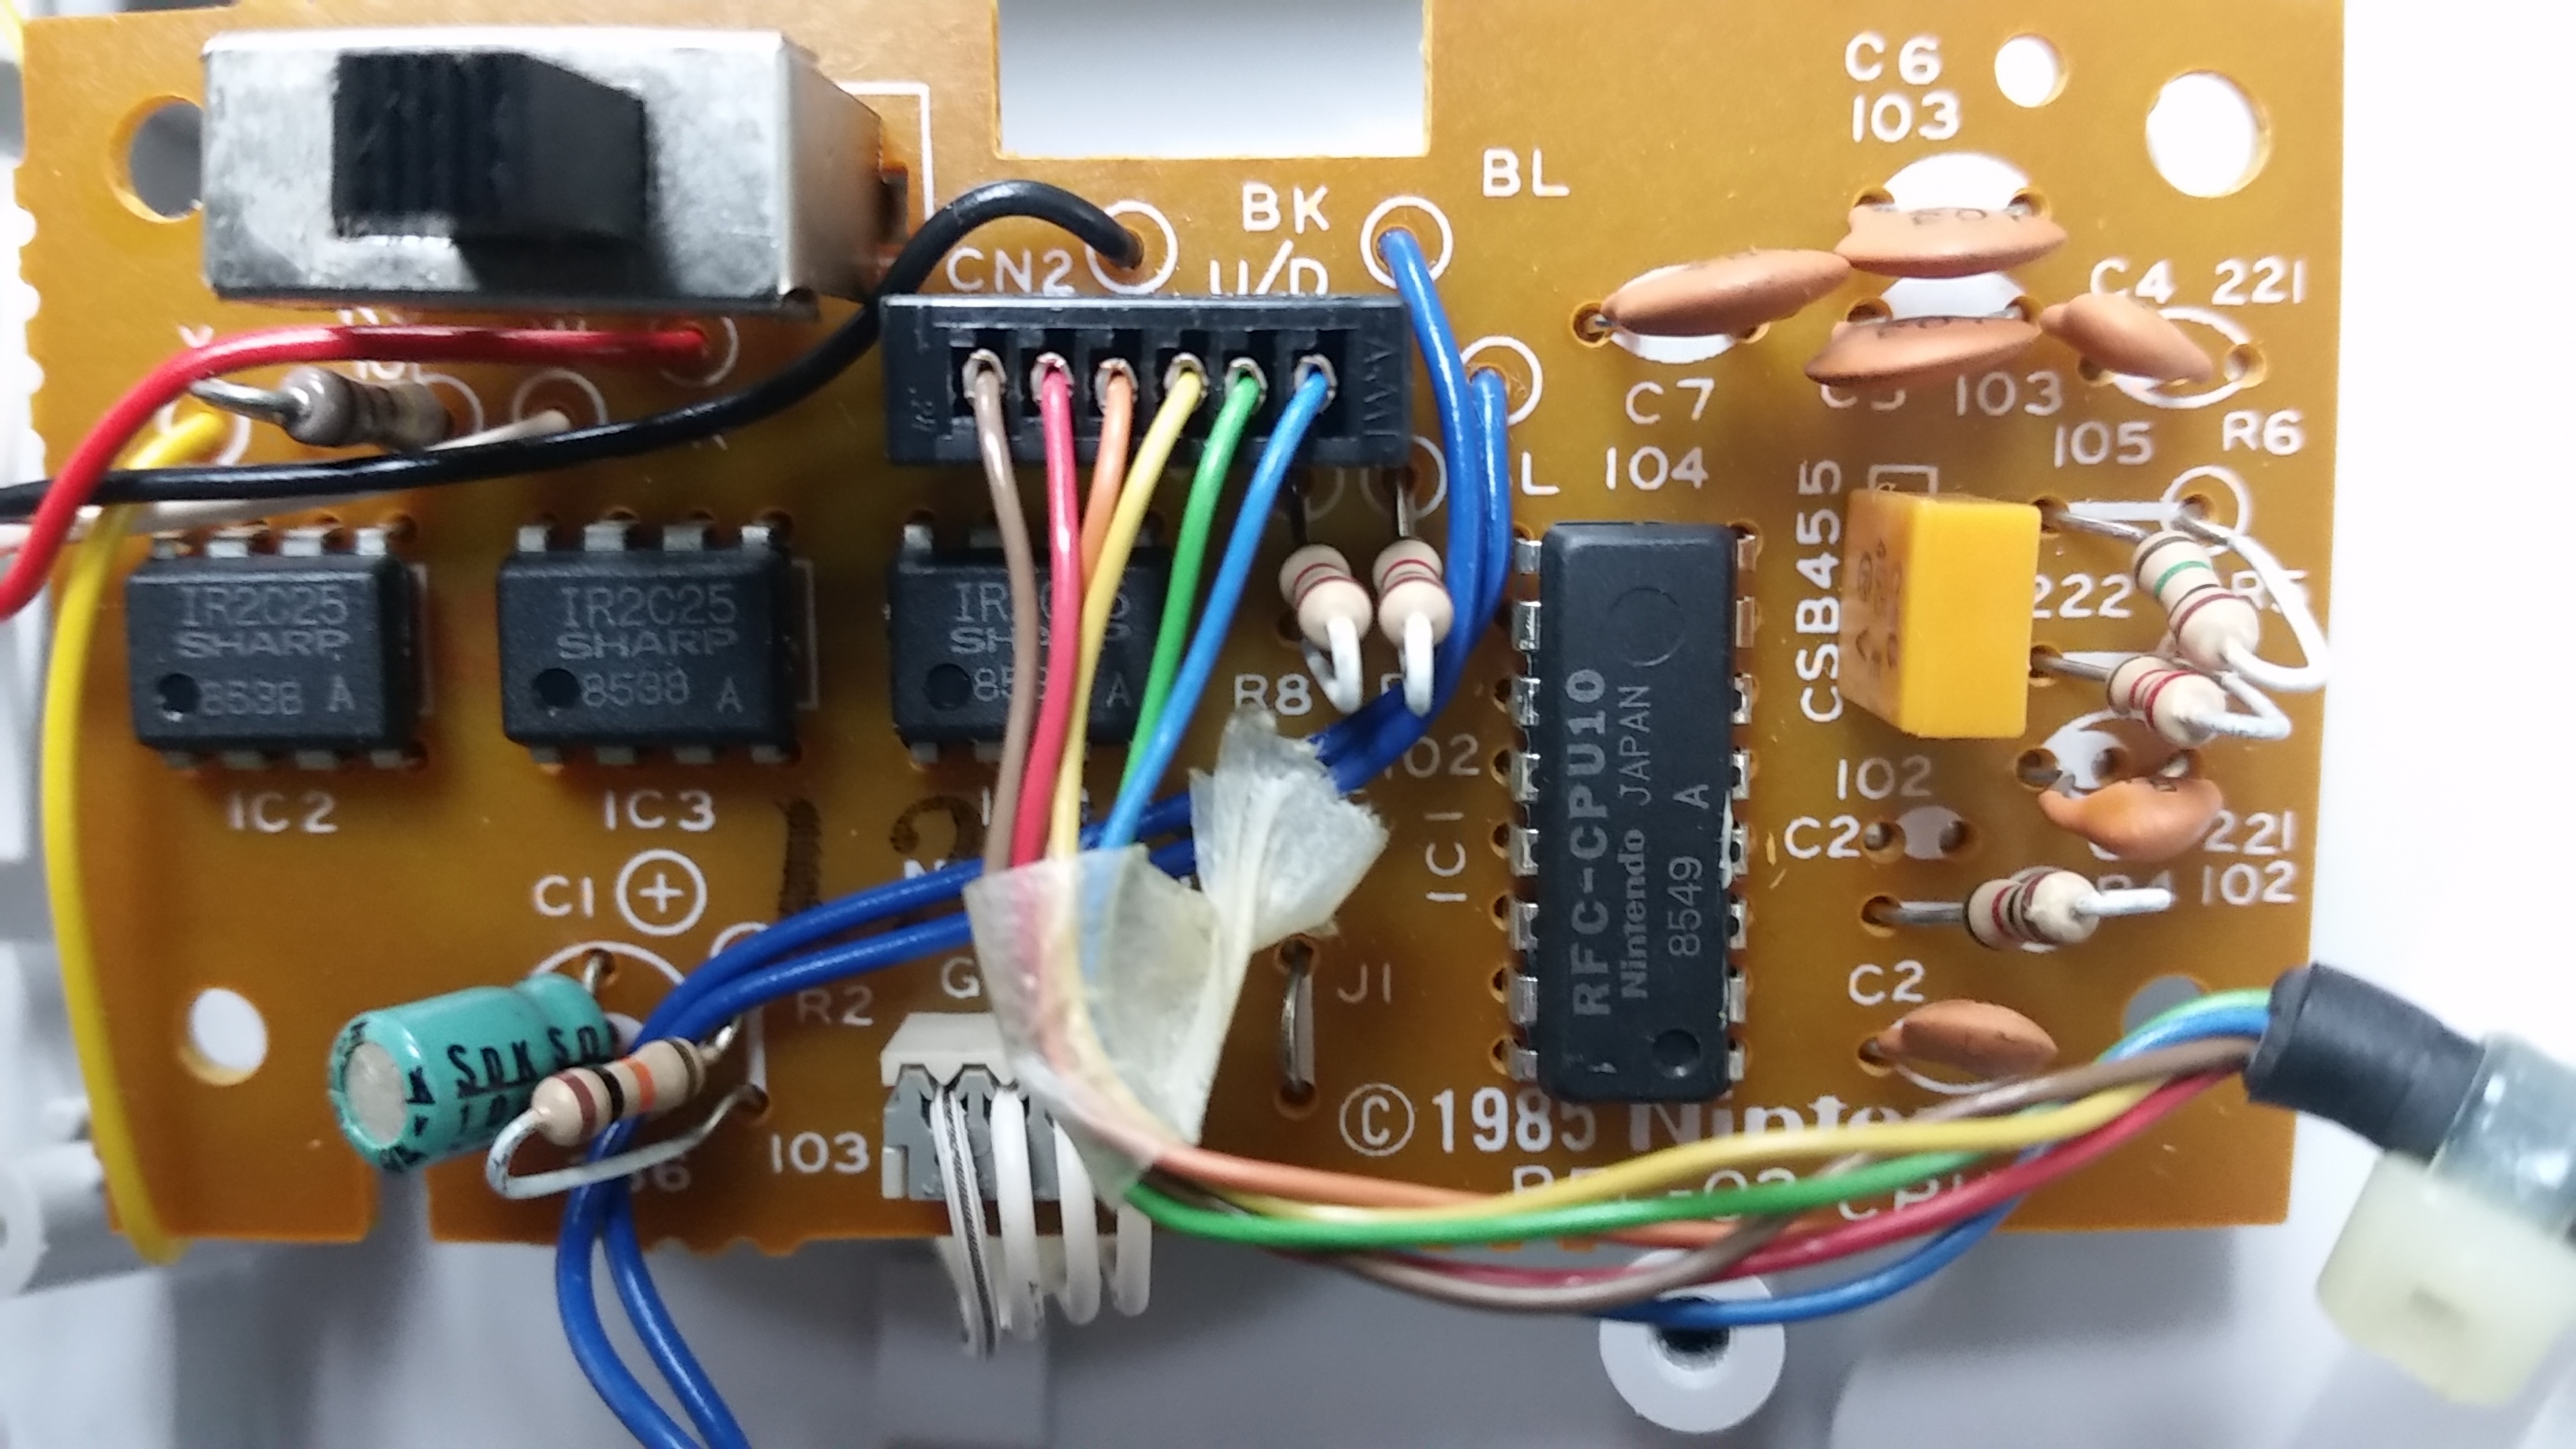 robotics___cnc_Pic3.jpg